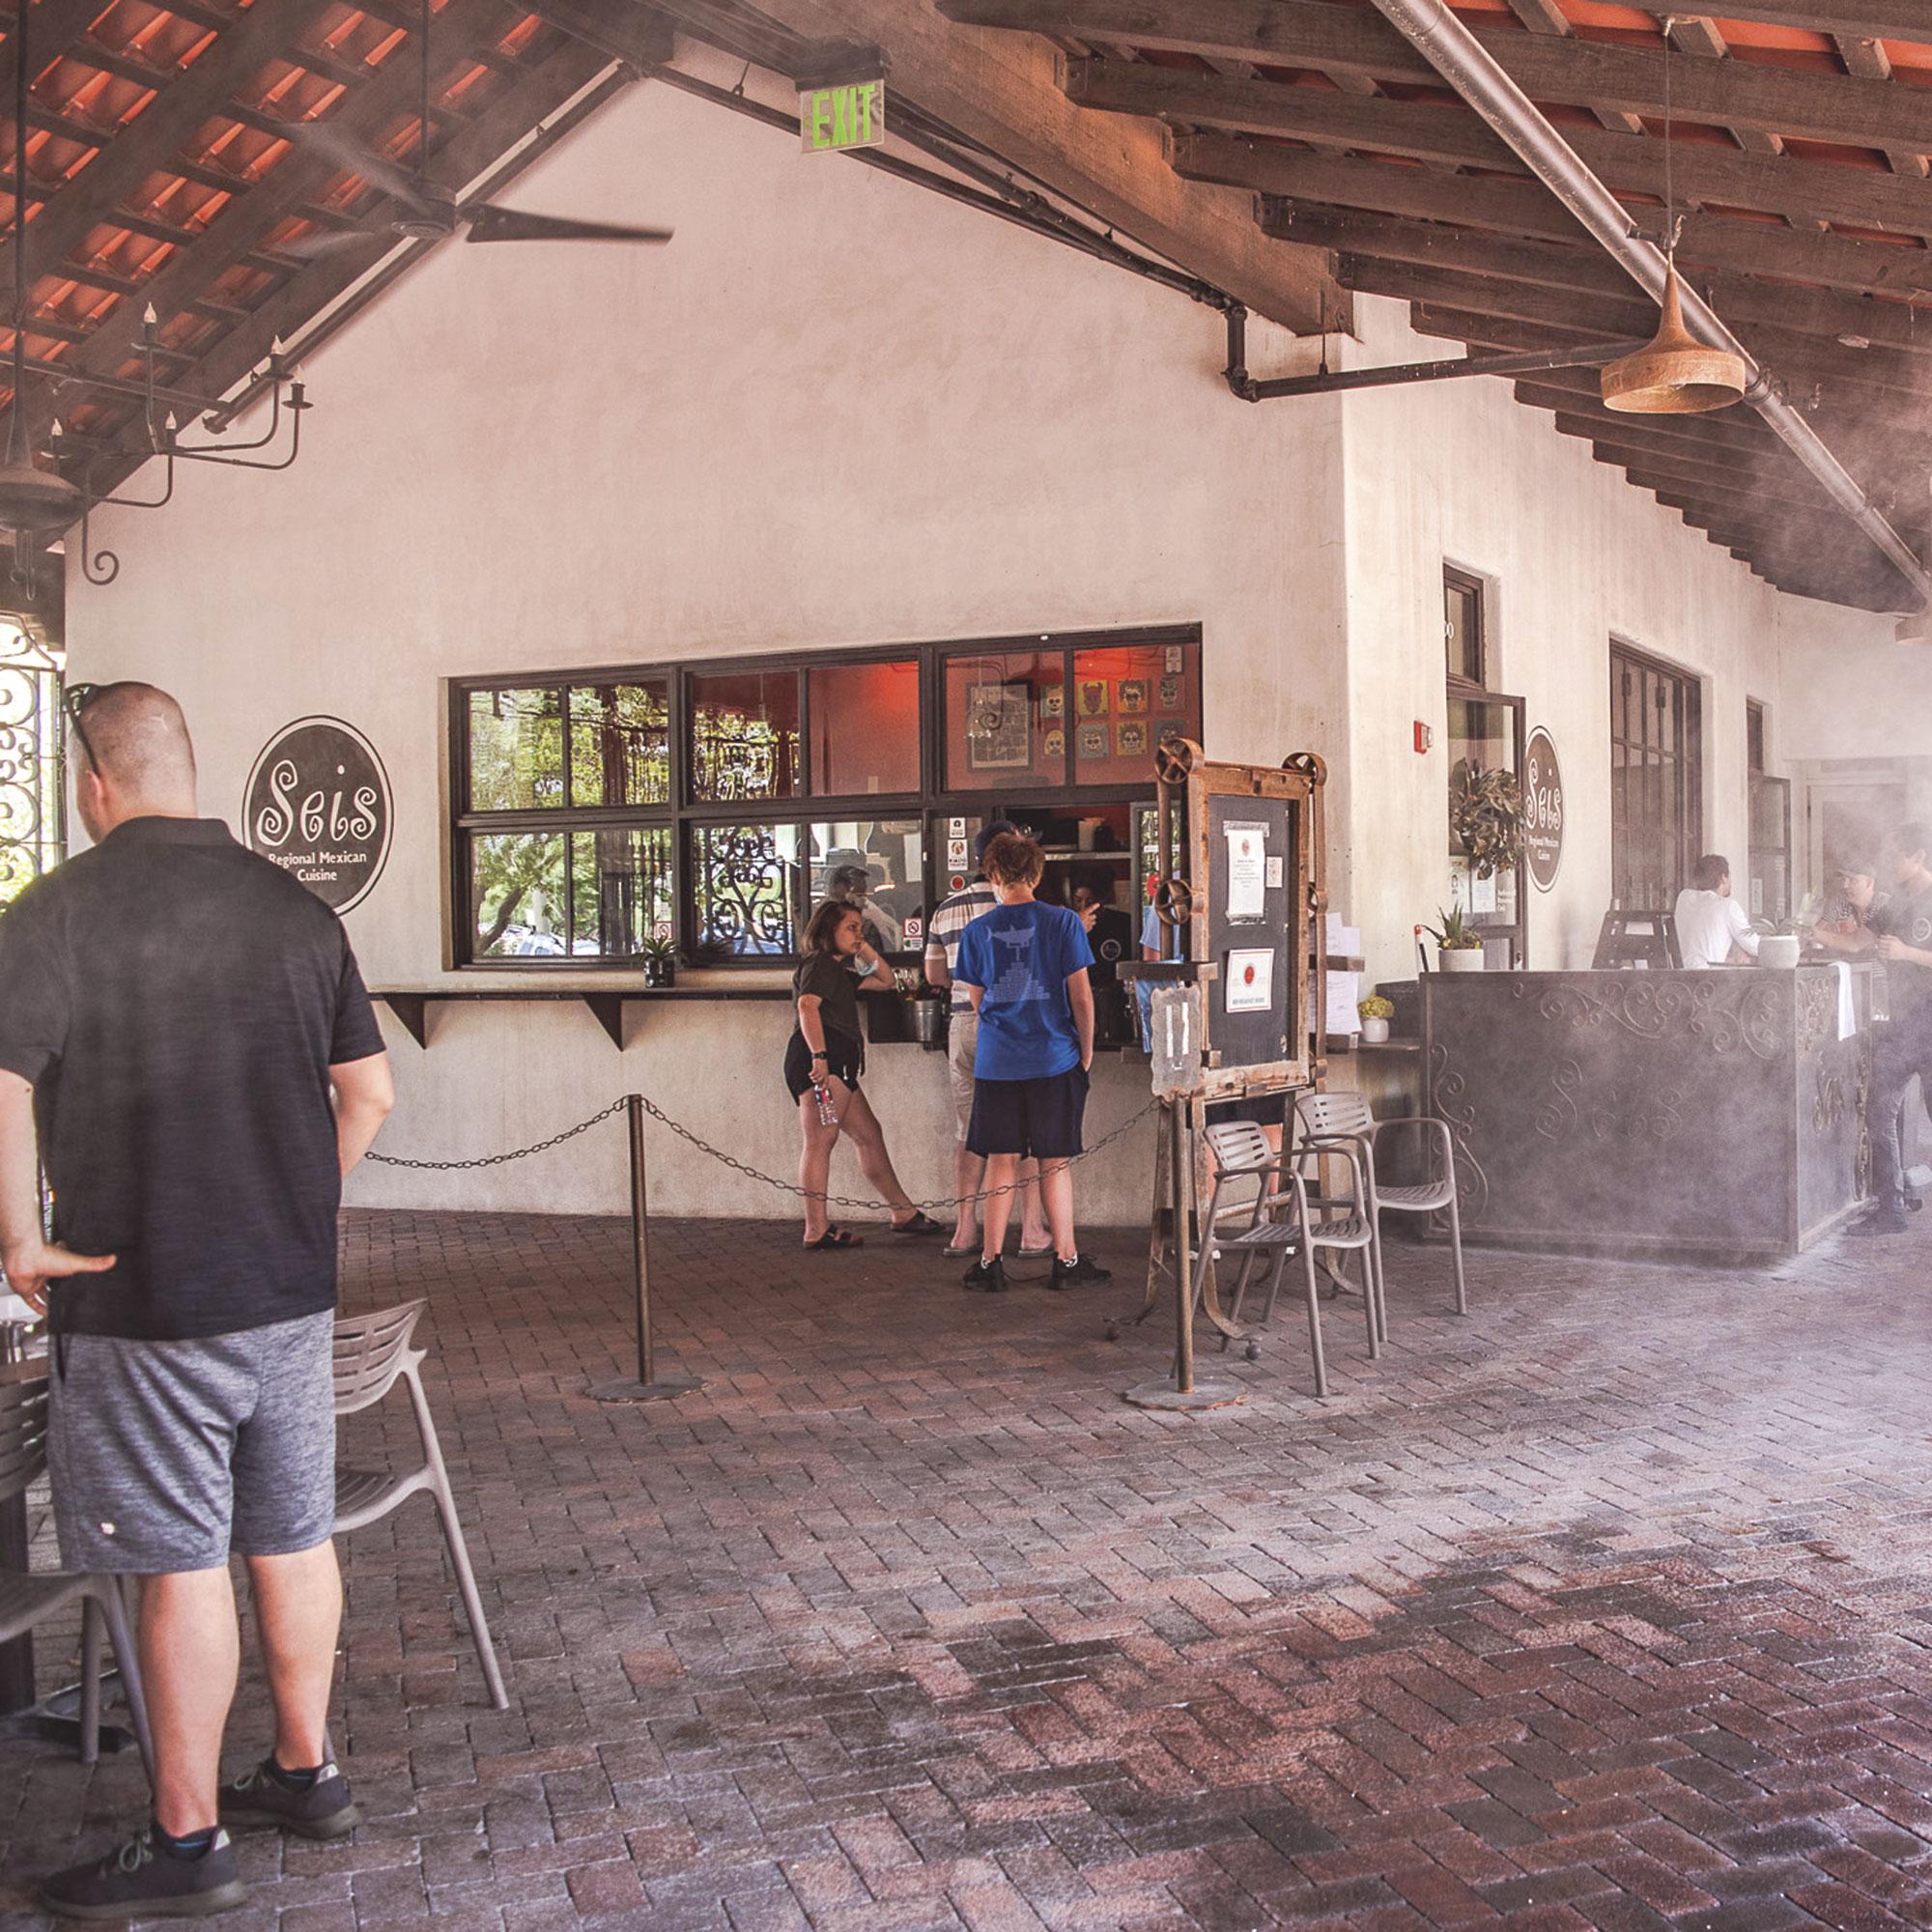 Seis Kitchen; Photo by Jackie Tran/Courtesy Visit Tucson